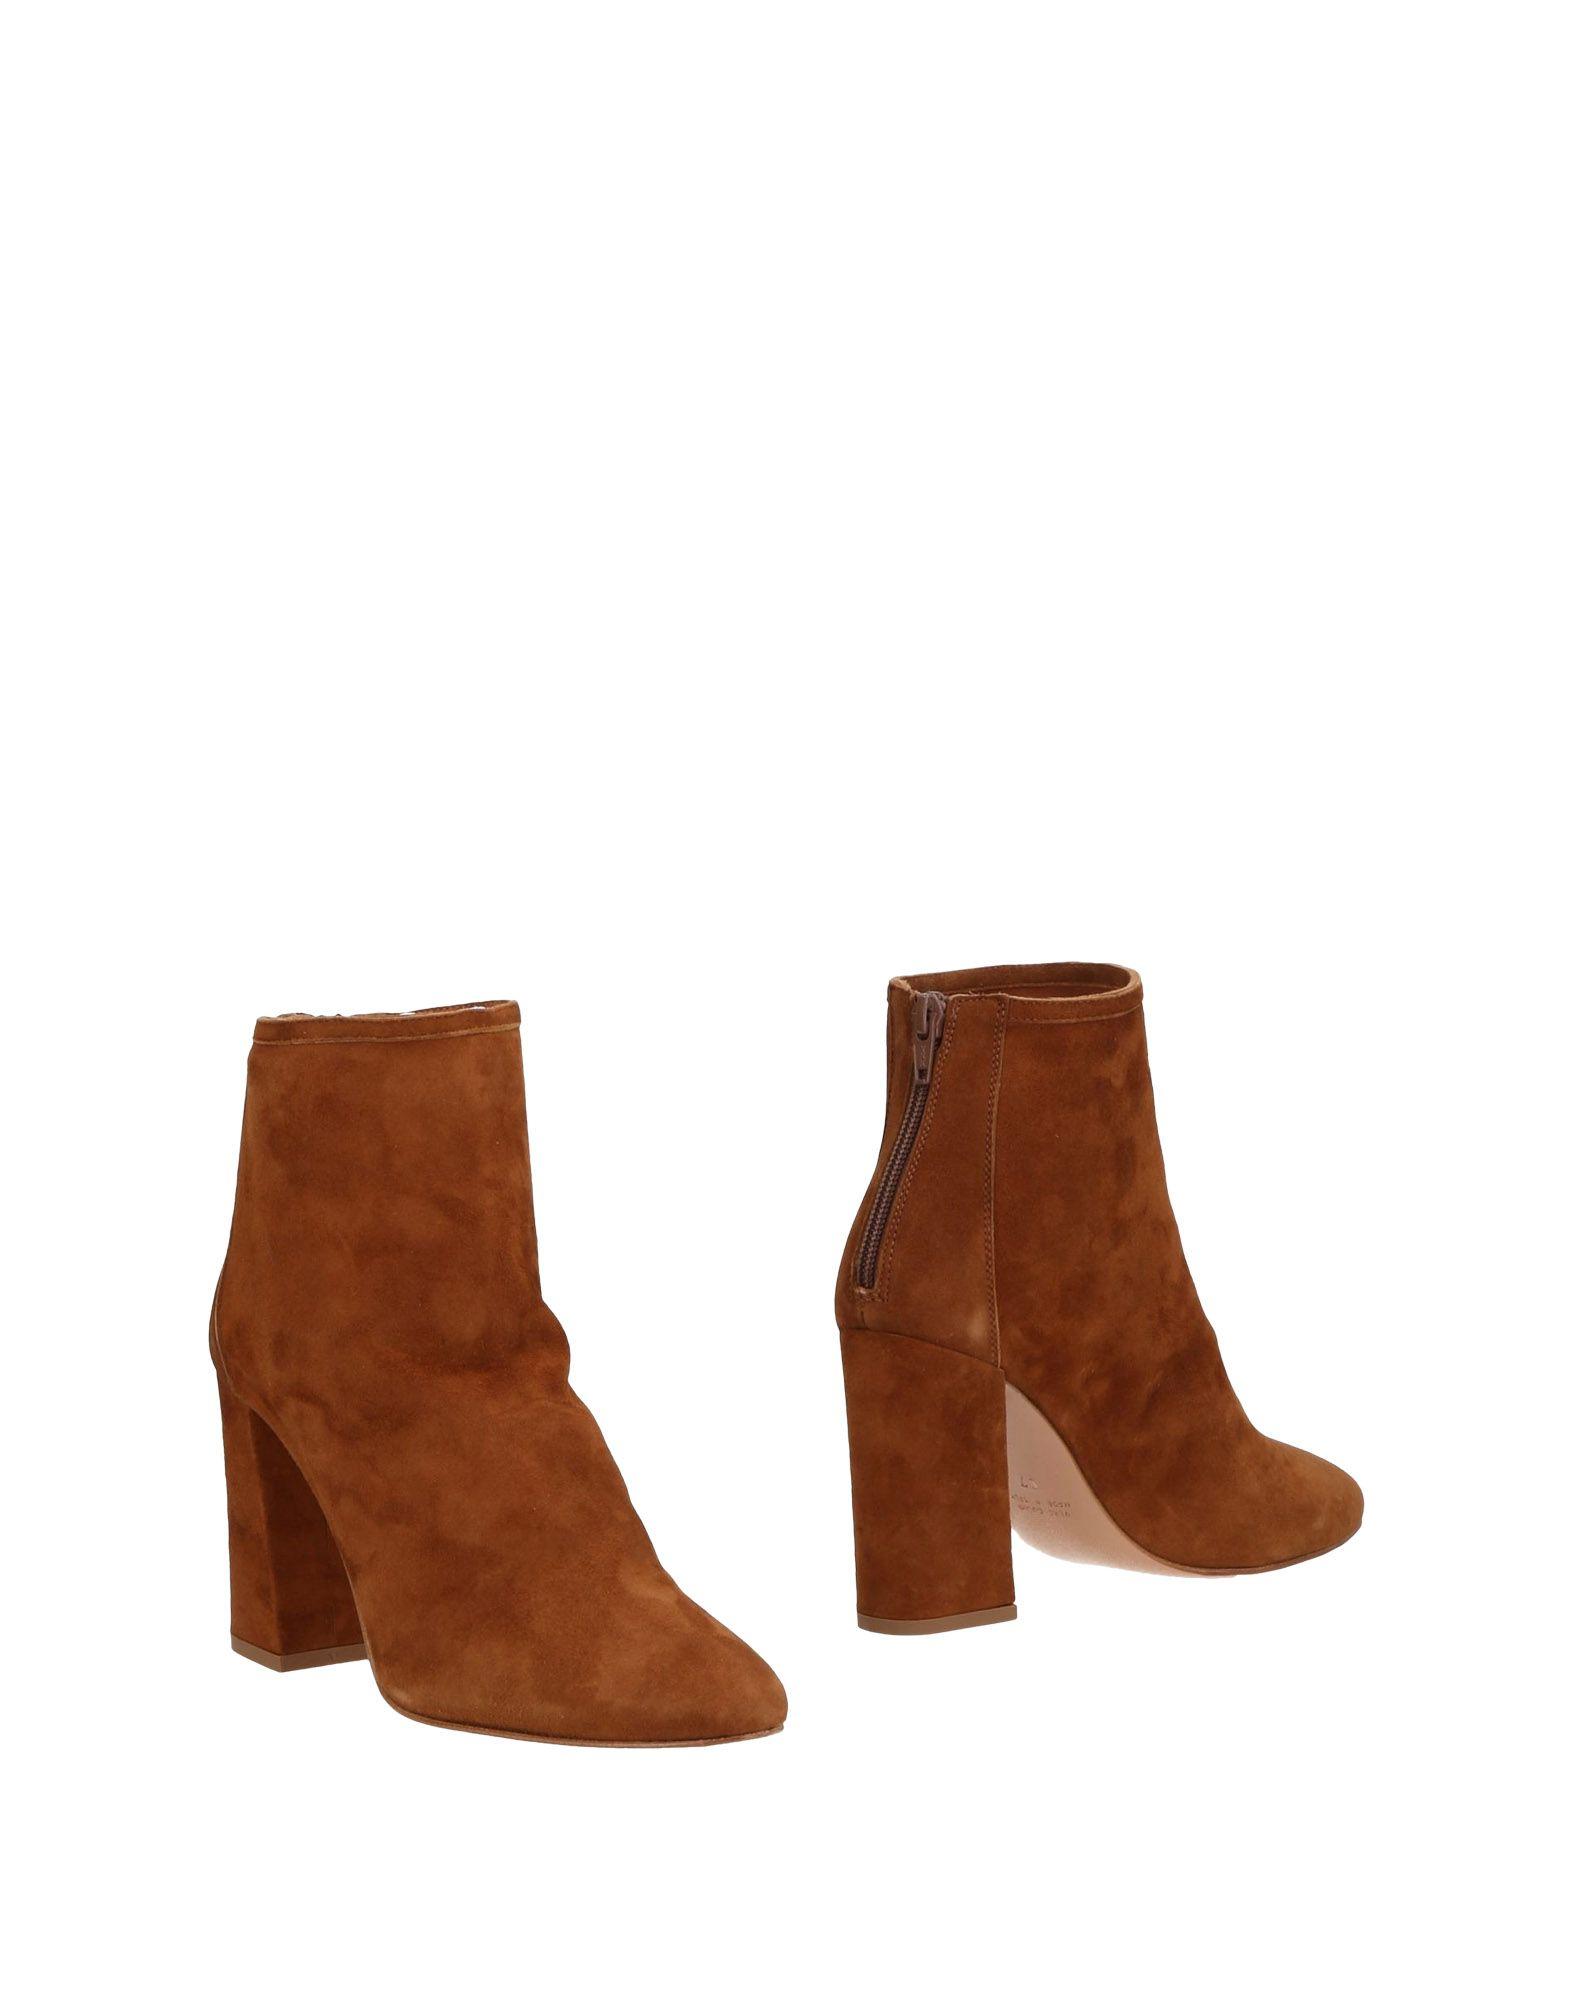 Laurence Dacade Stiefelette Damen  11481217NOGünstige gut aussehende Schuhe